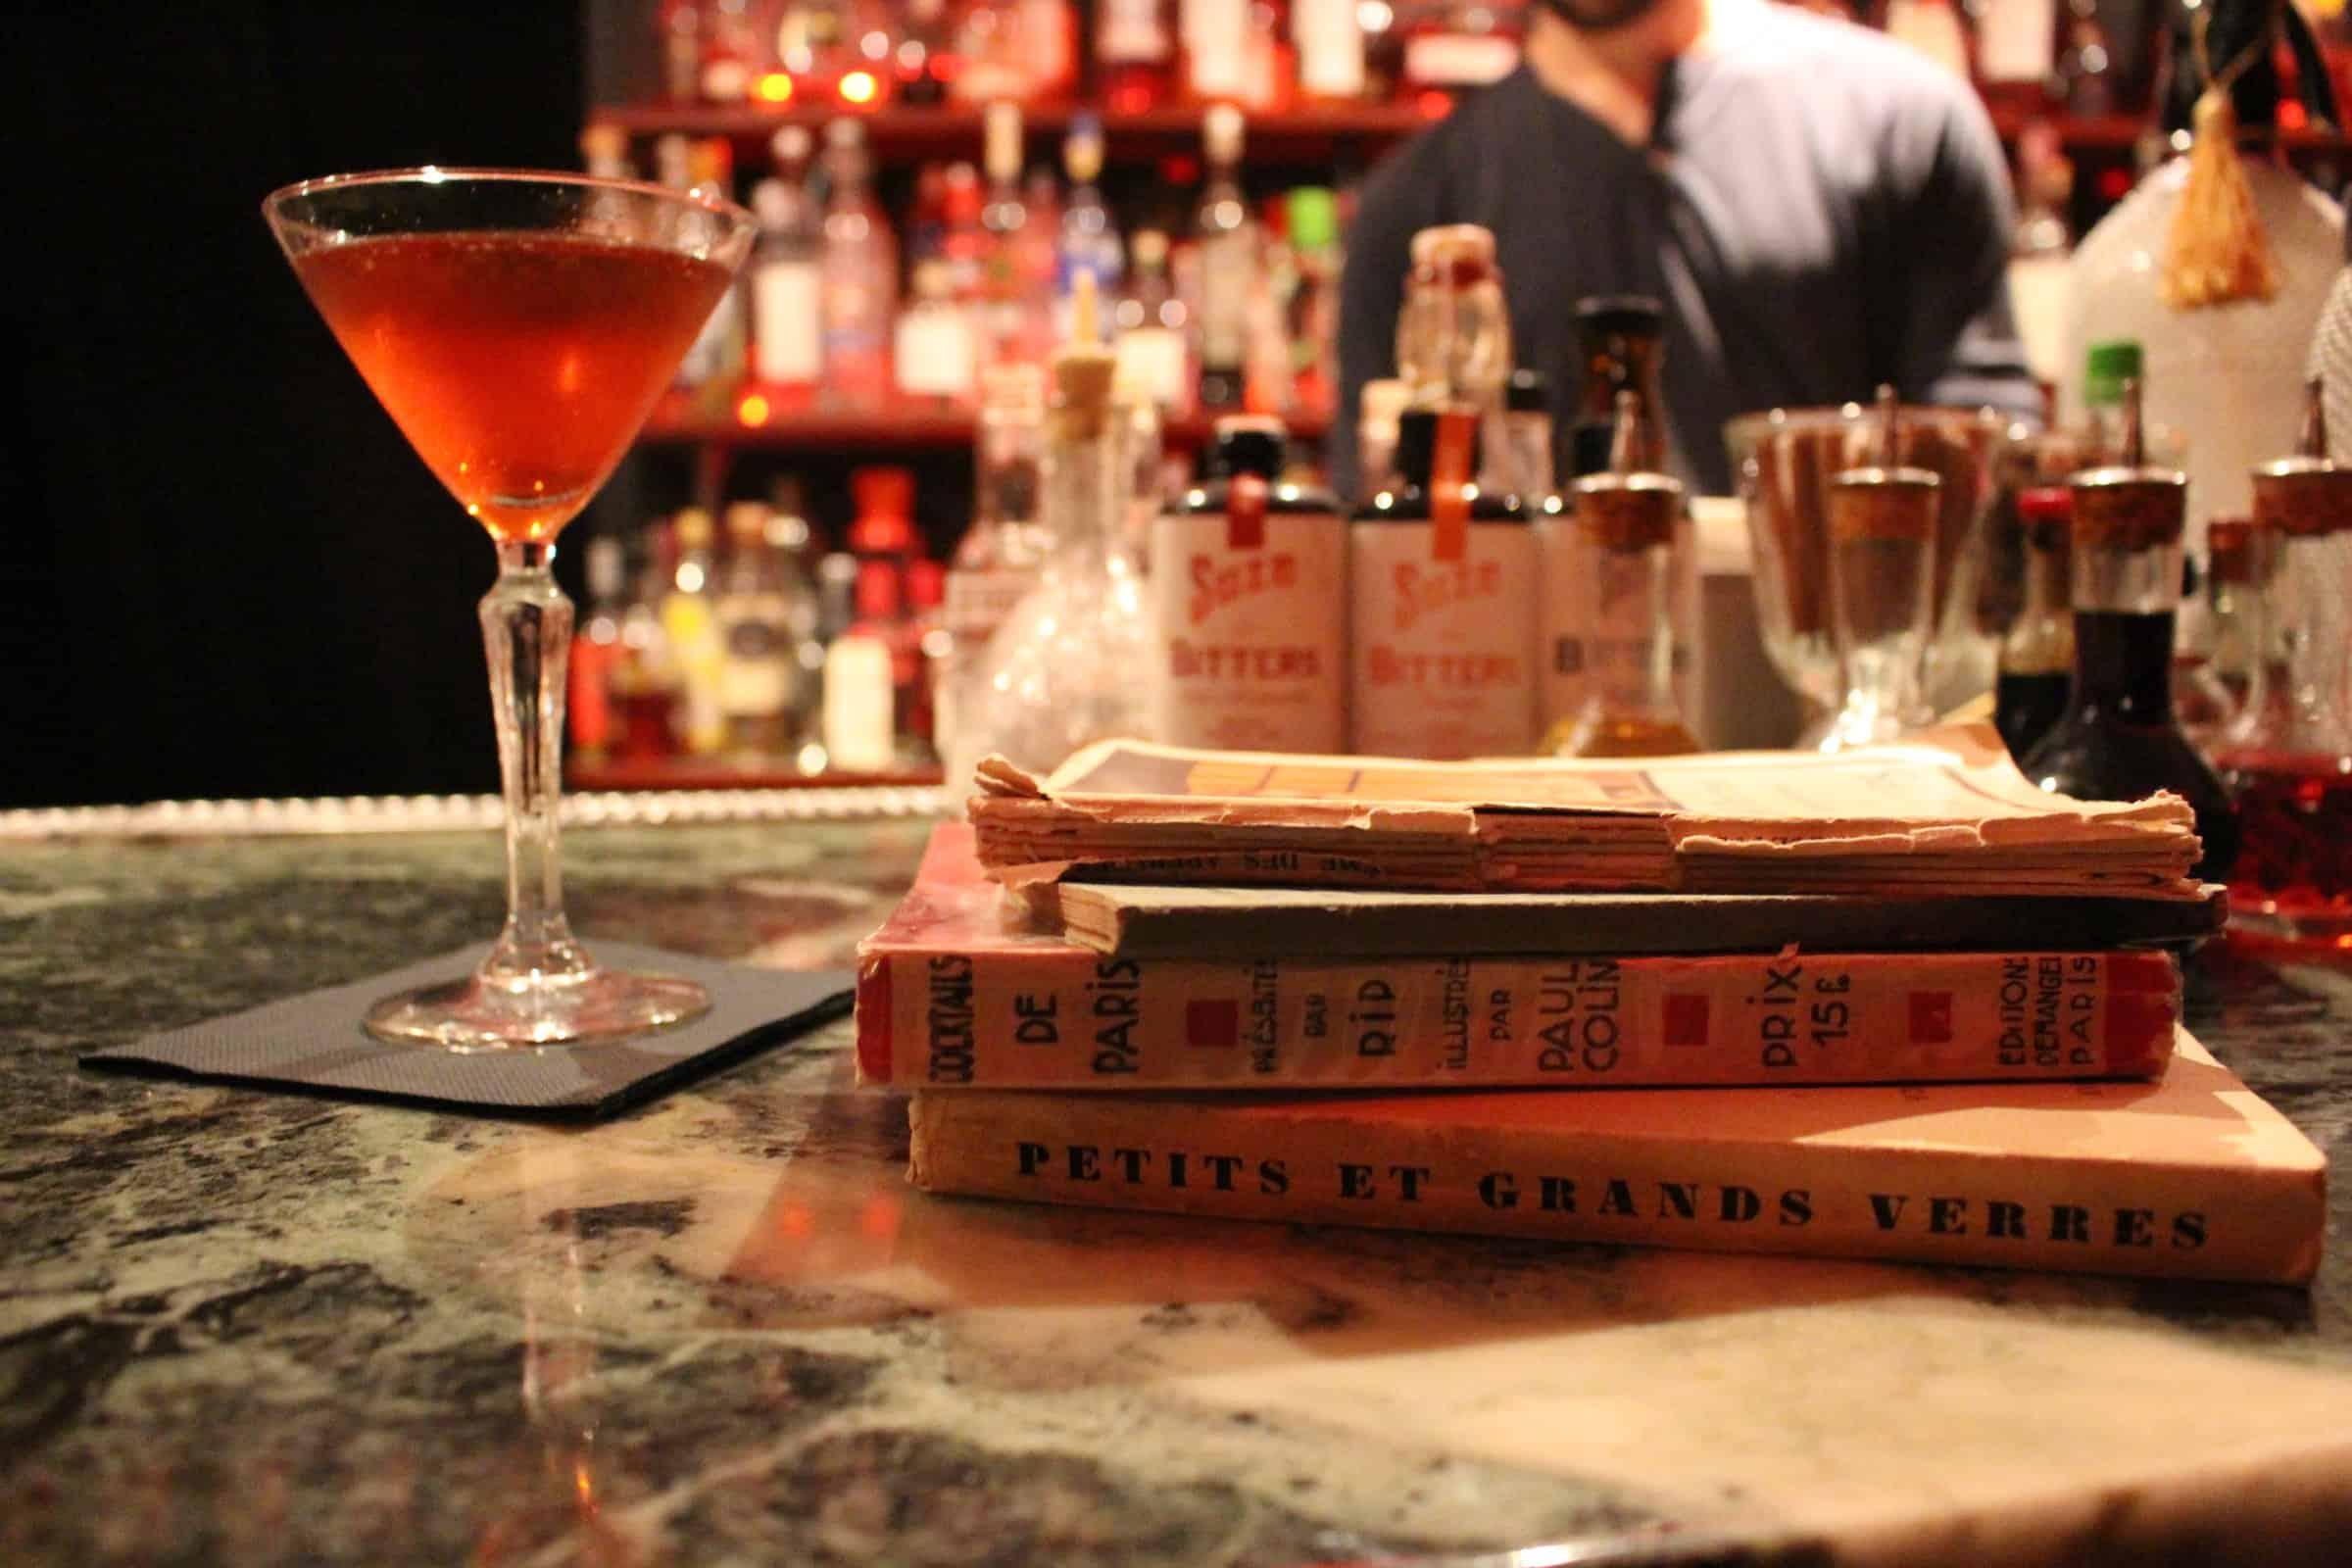 HiP Paris A La Francaise cocktail books